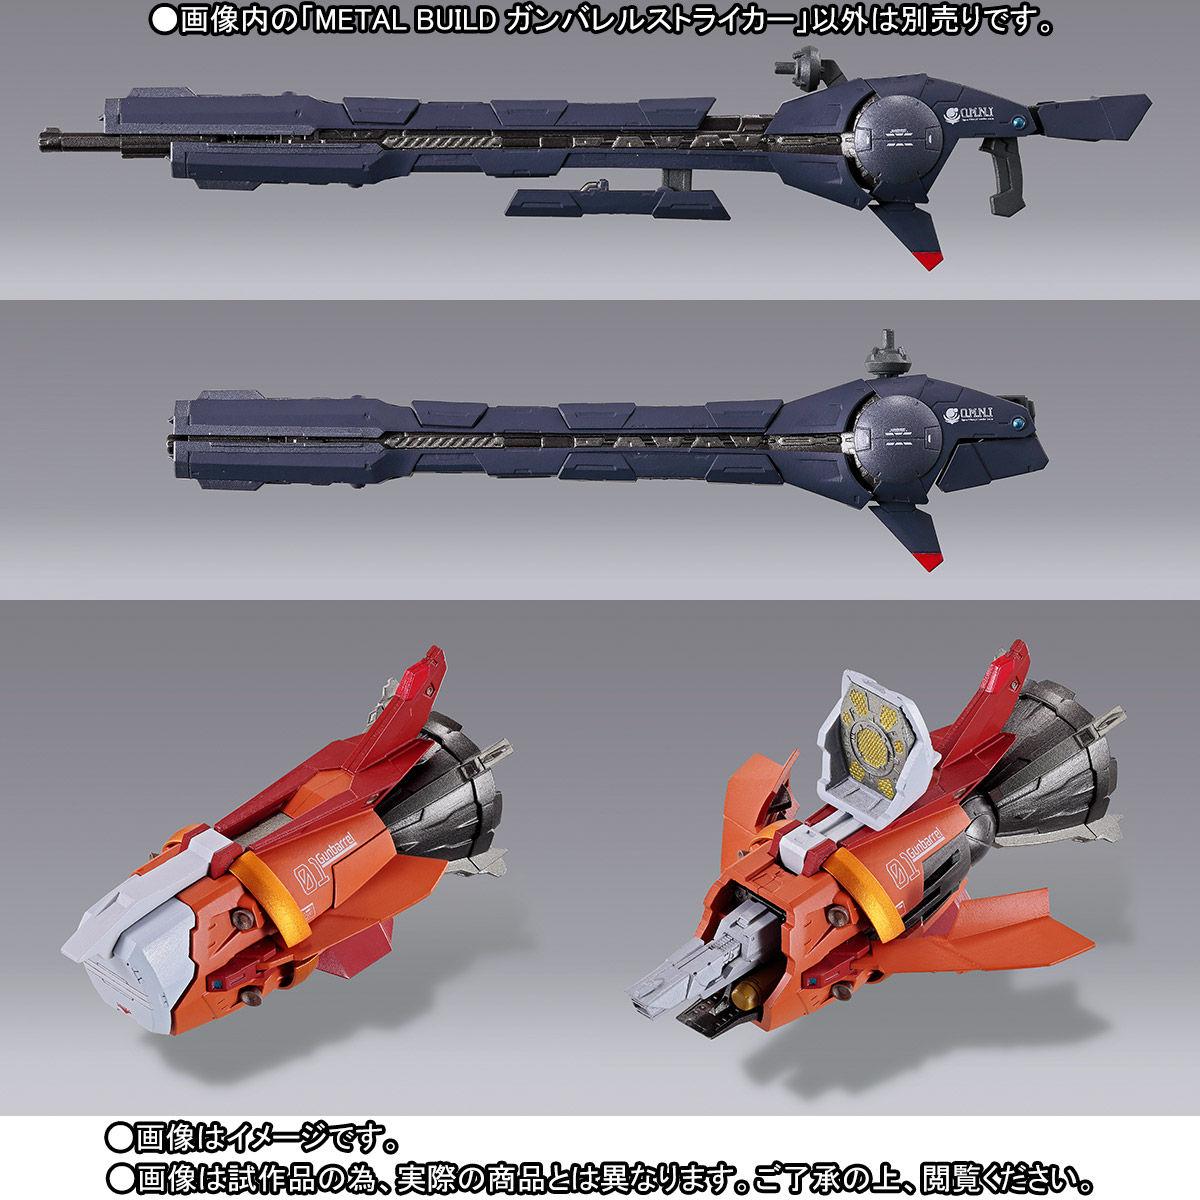 METAL BUILD『ガンバレルストライカー 機動戦士ガンダムSEED MSV』可動フィギュア-010